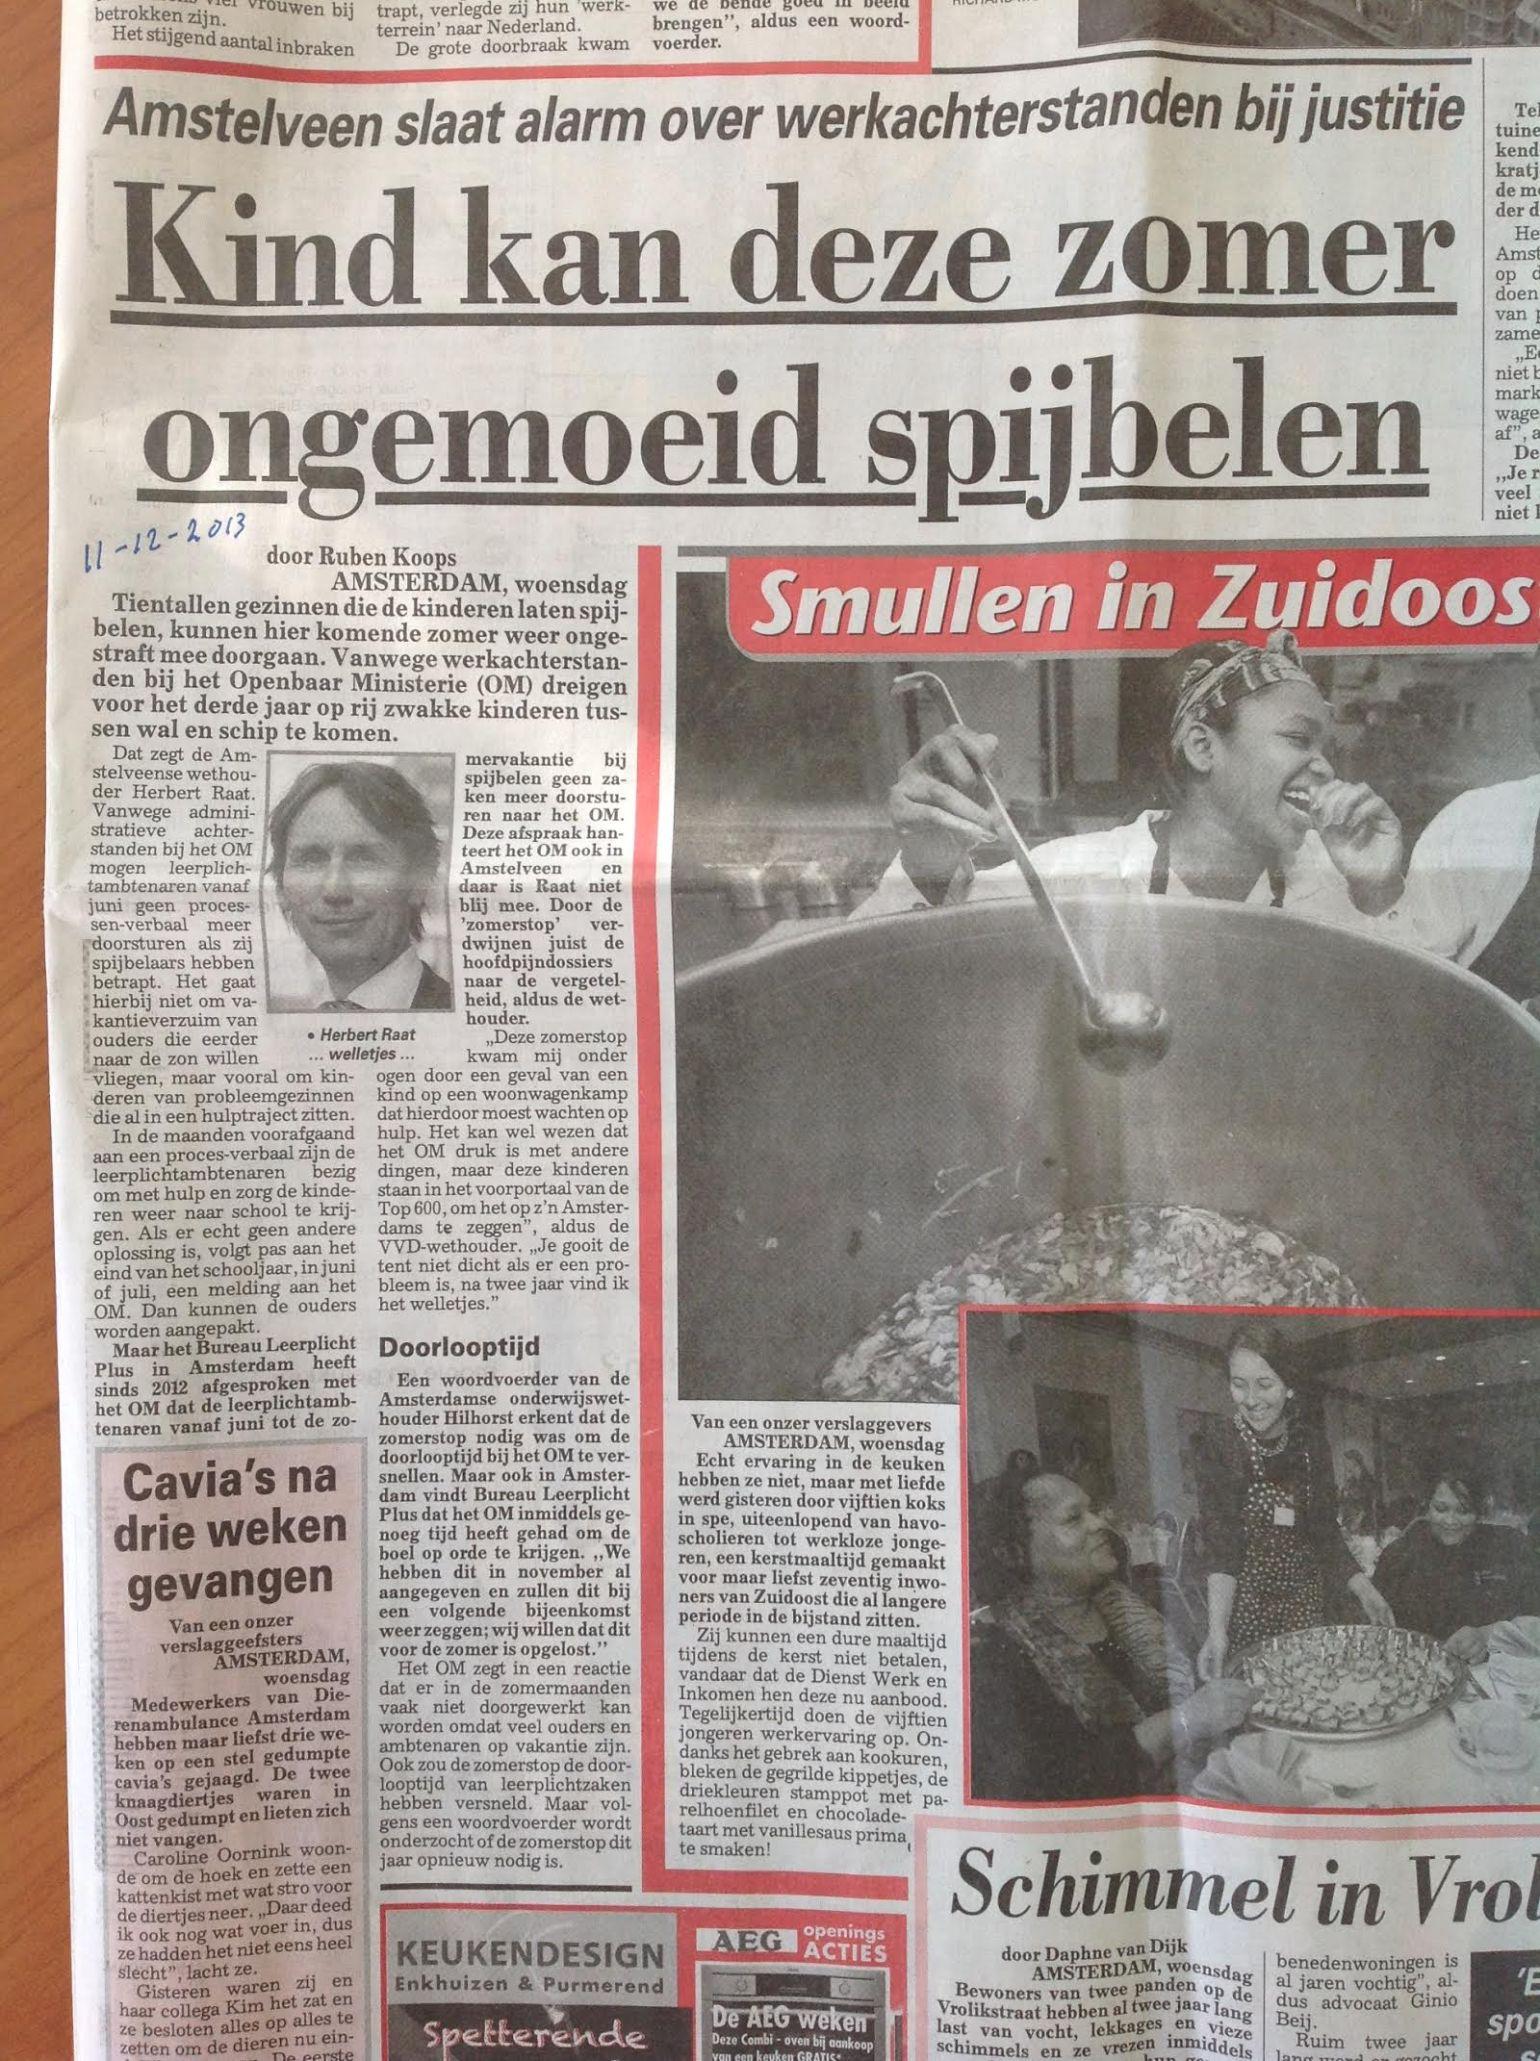 2013-telegraaf herbert raat leerplicht door Ruben Koops